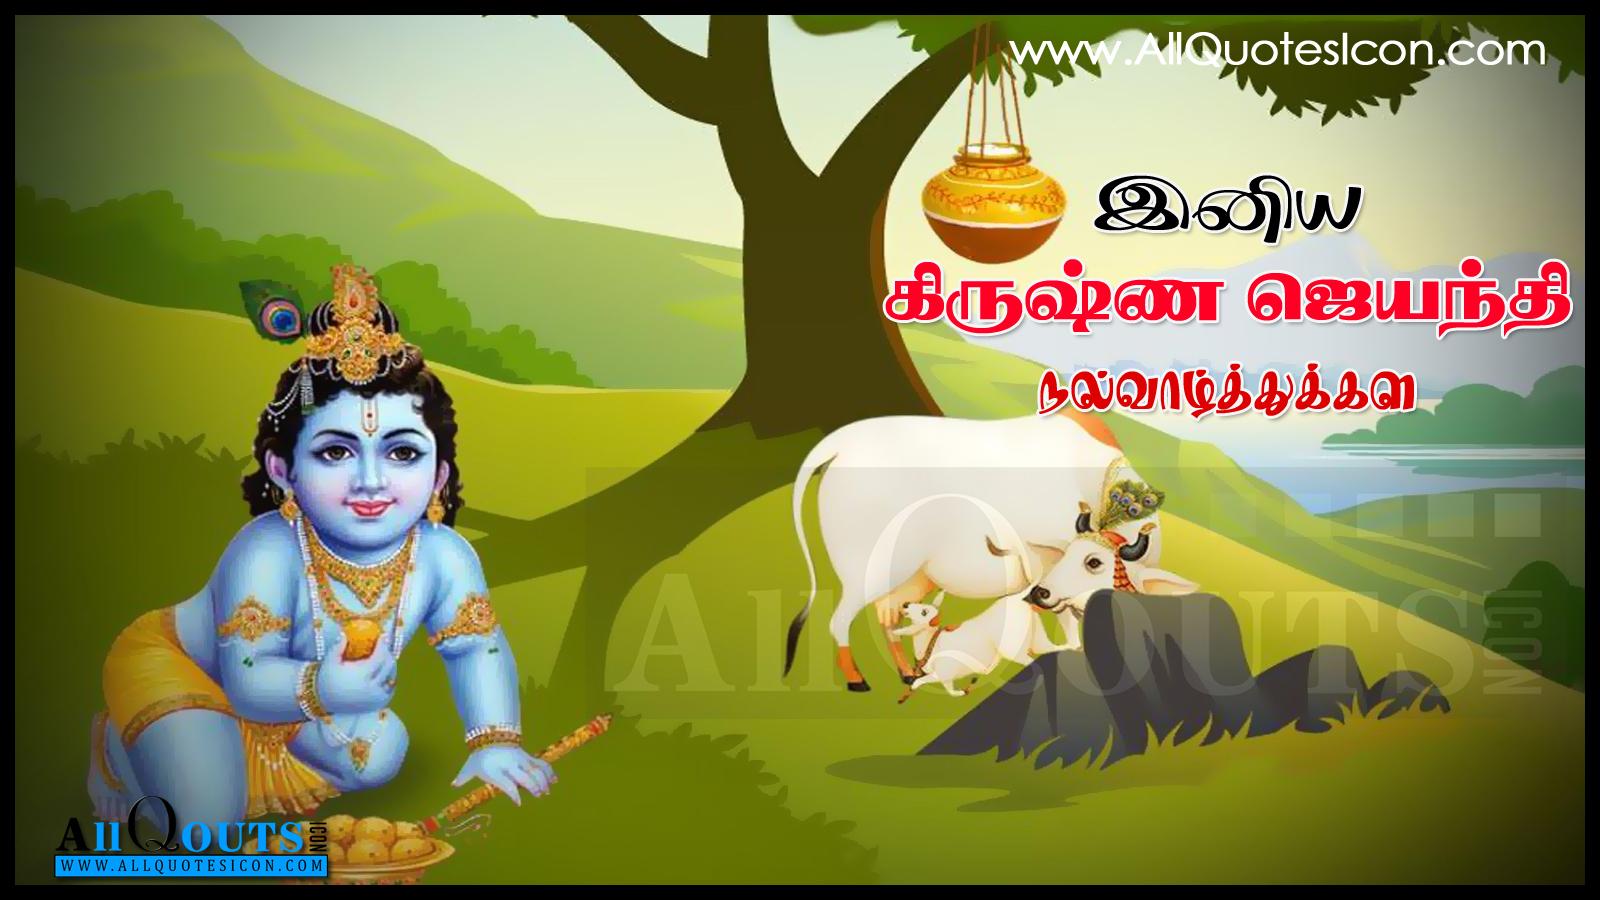 Sri krishna jayanti wallpaper - Nice Tamil Srikrishna Janmastami Images Hd Srikrishna Janmastami With Quote In Tamil Srikrishna Janmastami Quotes In